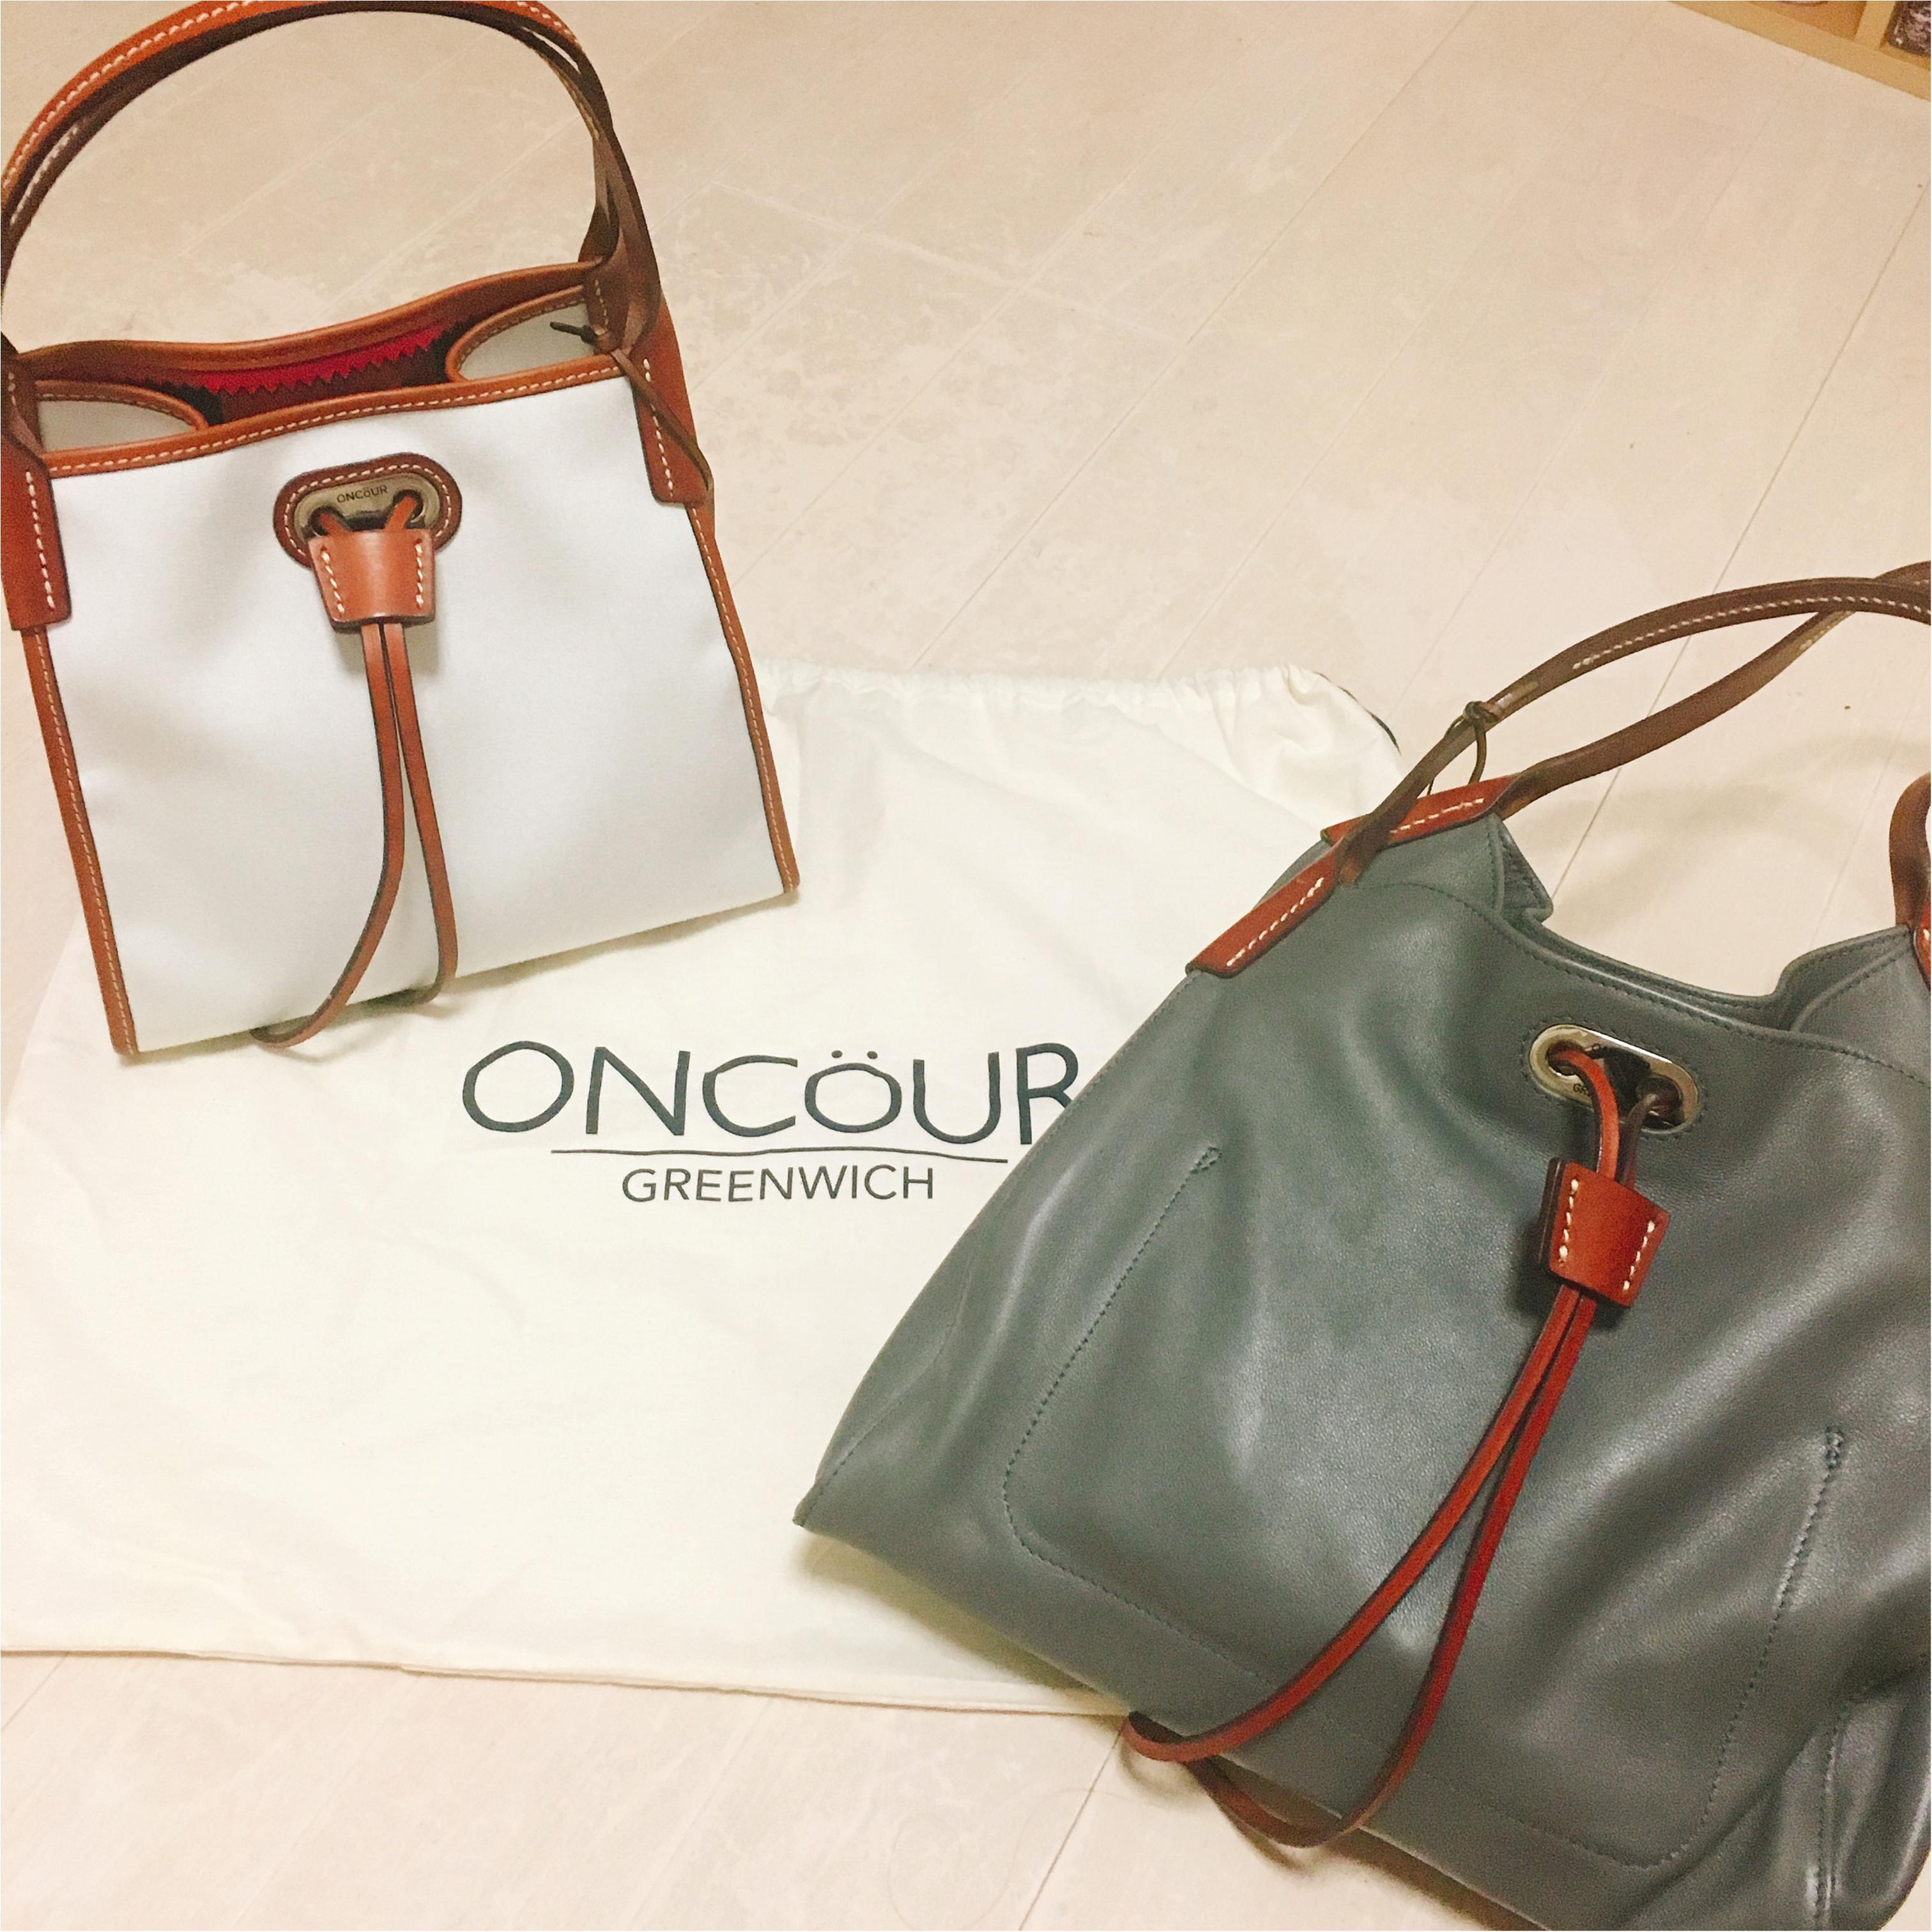 【ハワイ女子旅のお土産6】ハワイでしか手に入らない『Oncöur(オンコアー)』のレザーバッグ